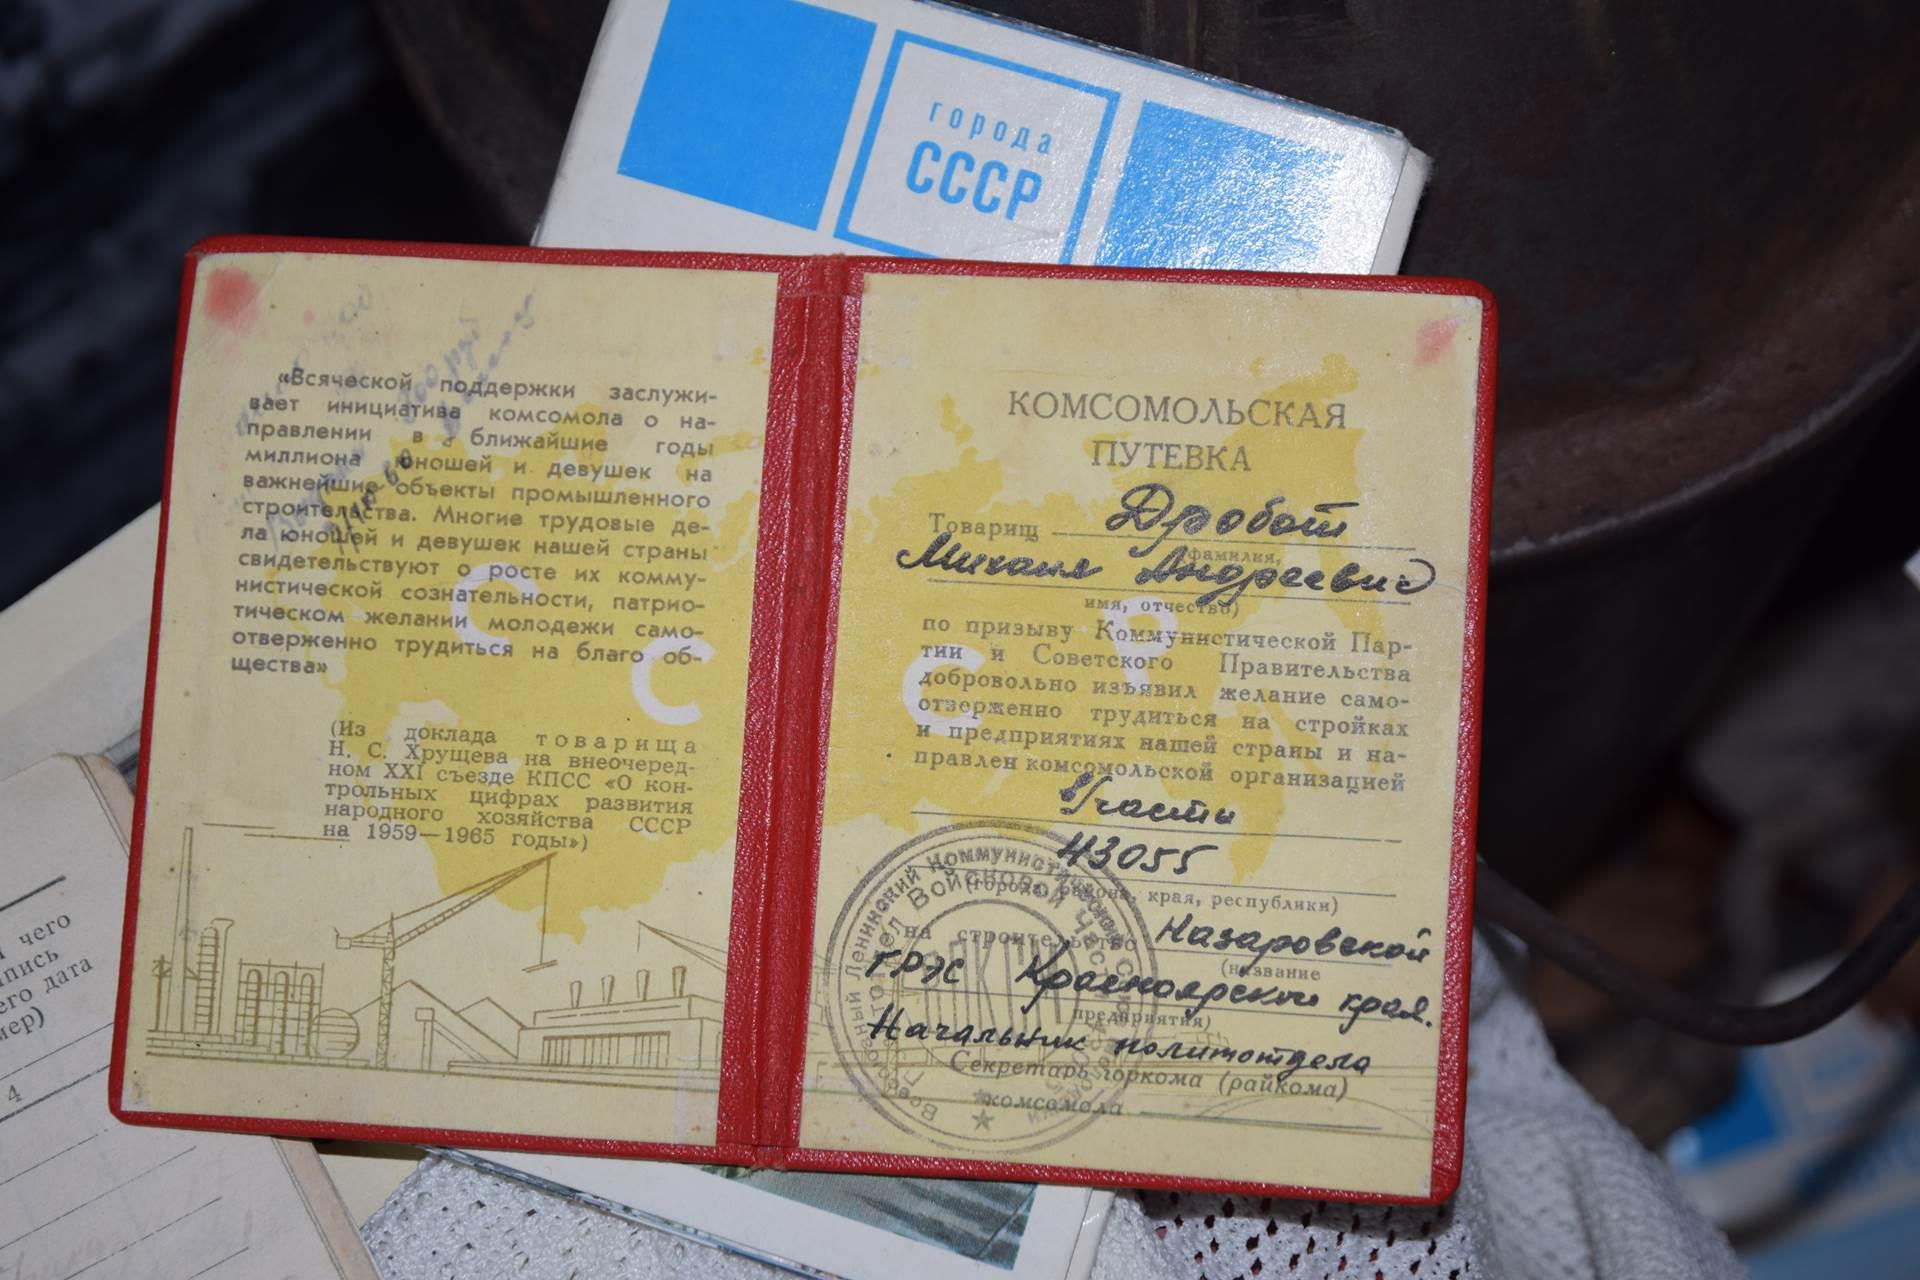 Комсомольская путёвка — документ, по которому направляли комсомольца на временную или постоянную работу на ударные стройки или на службу в Вооружённые Силы.По таким путёвкам комсомольцы отправлялись в малообжитые районы СССР для освоения целины, районов Крайнего Севера